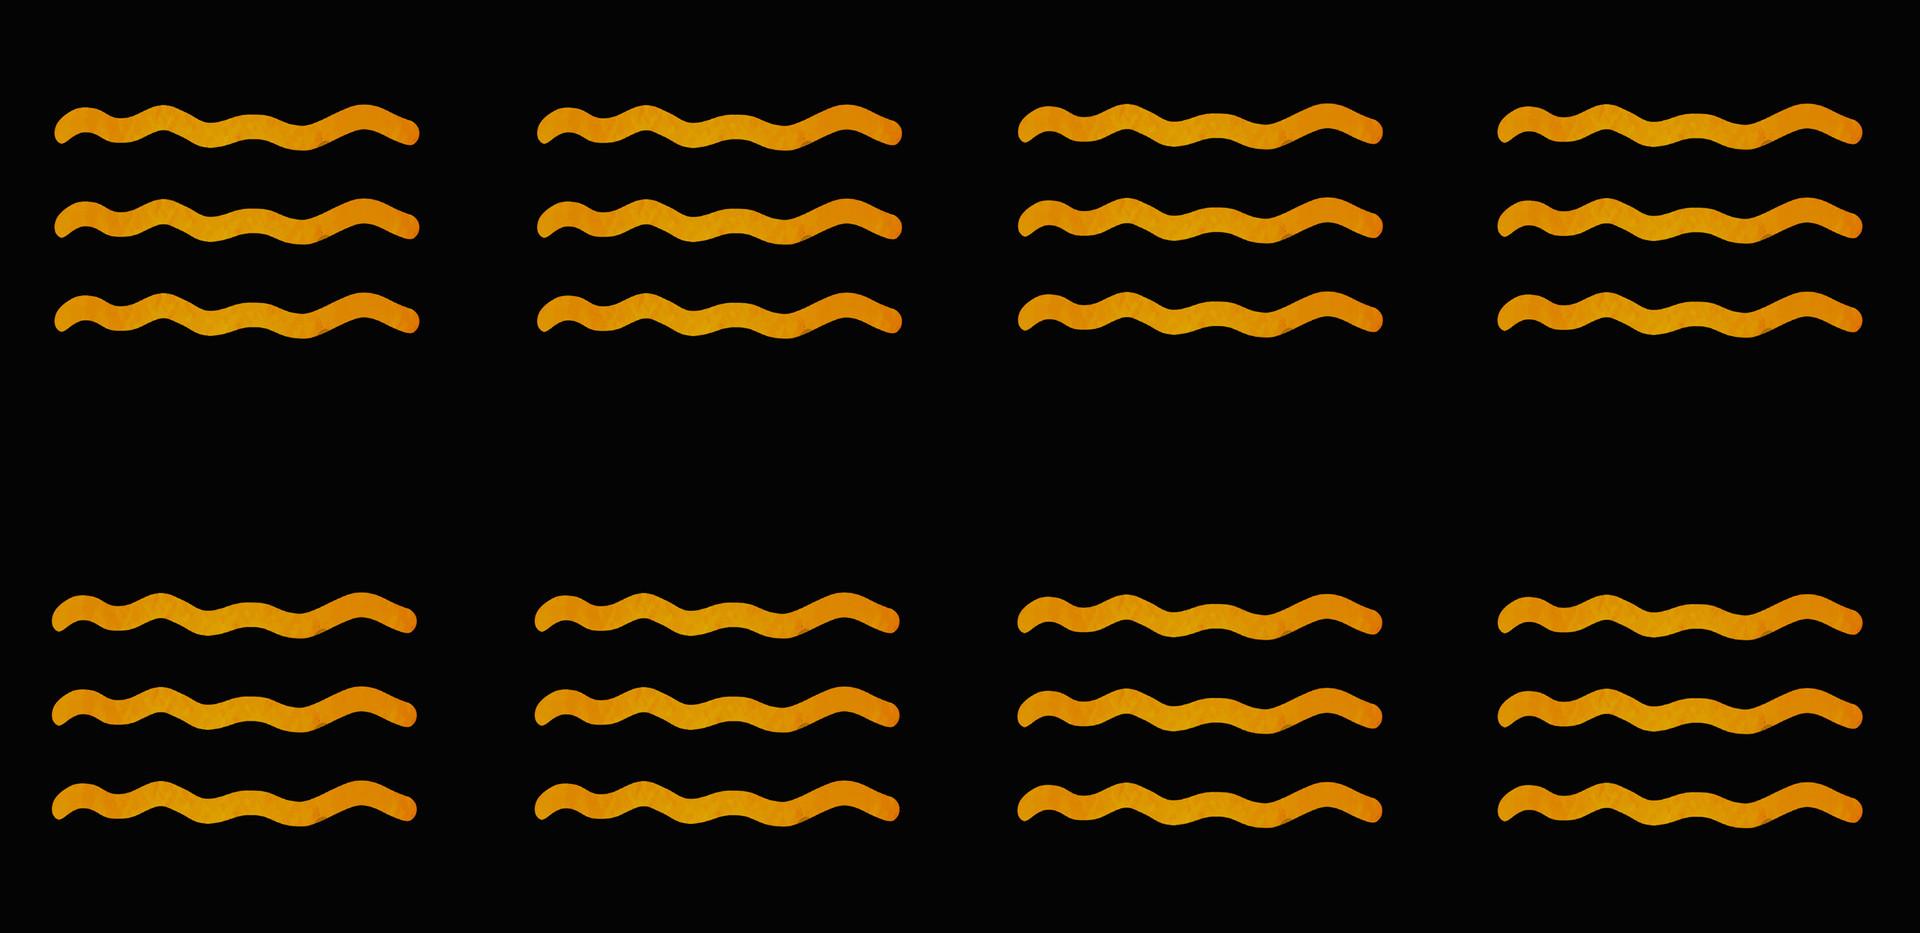 Masai Mara . Golden Watercolor Waves . O